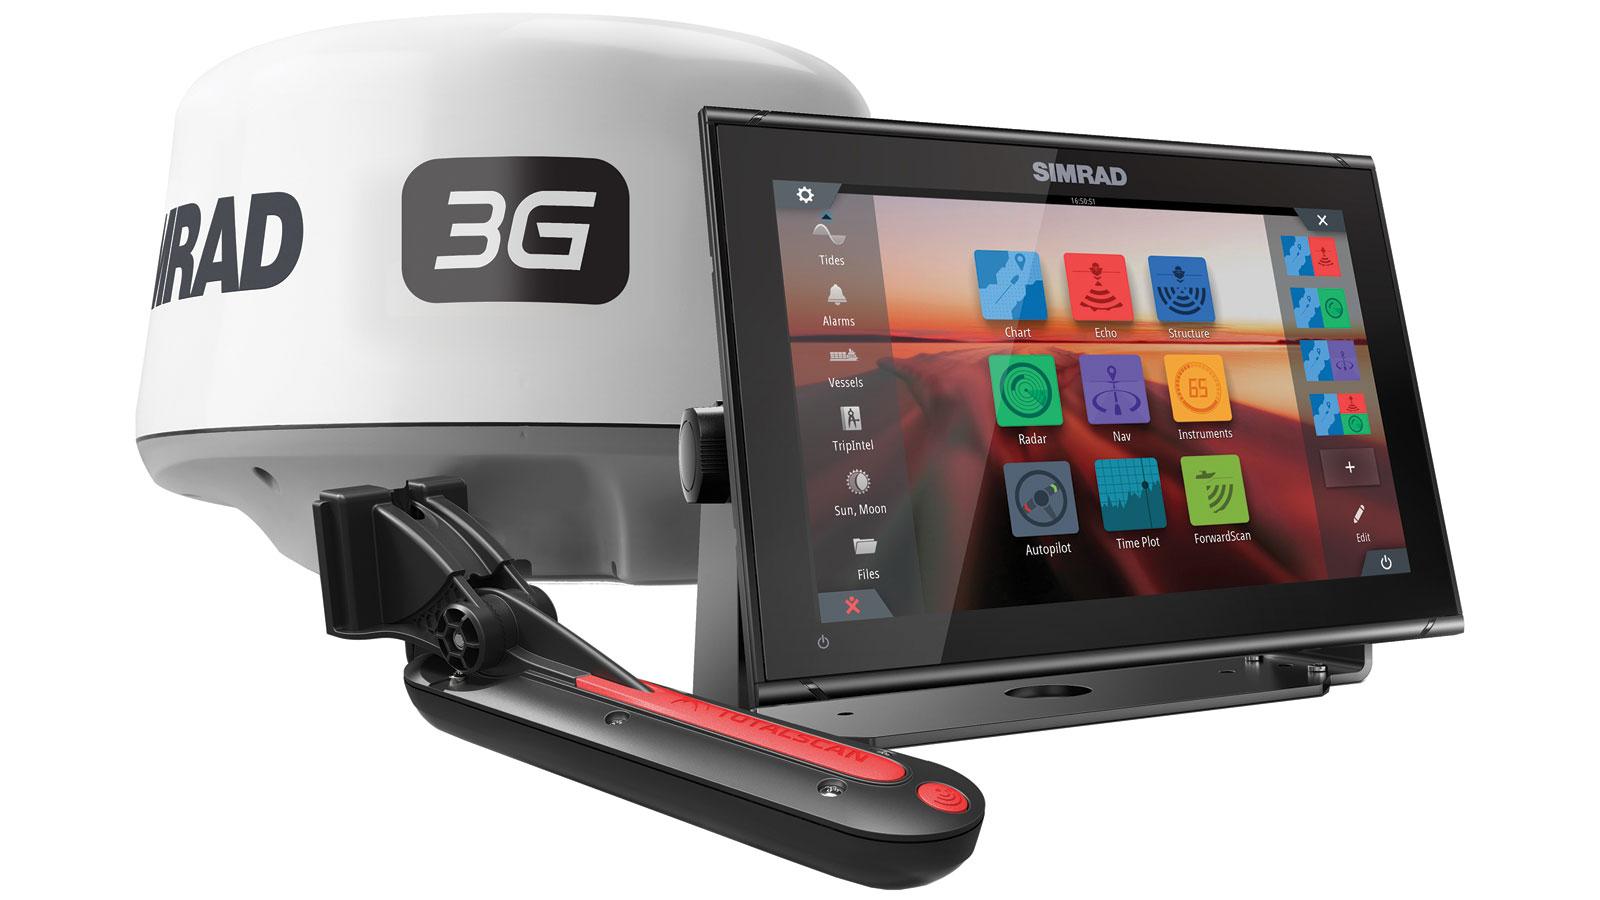 SIMRAD GO12 TOTALSCAN W/3G RADAR